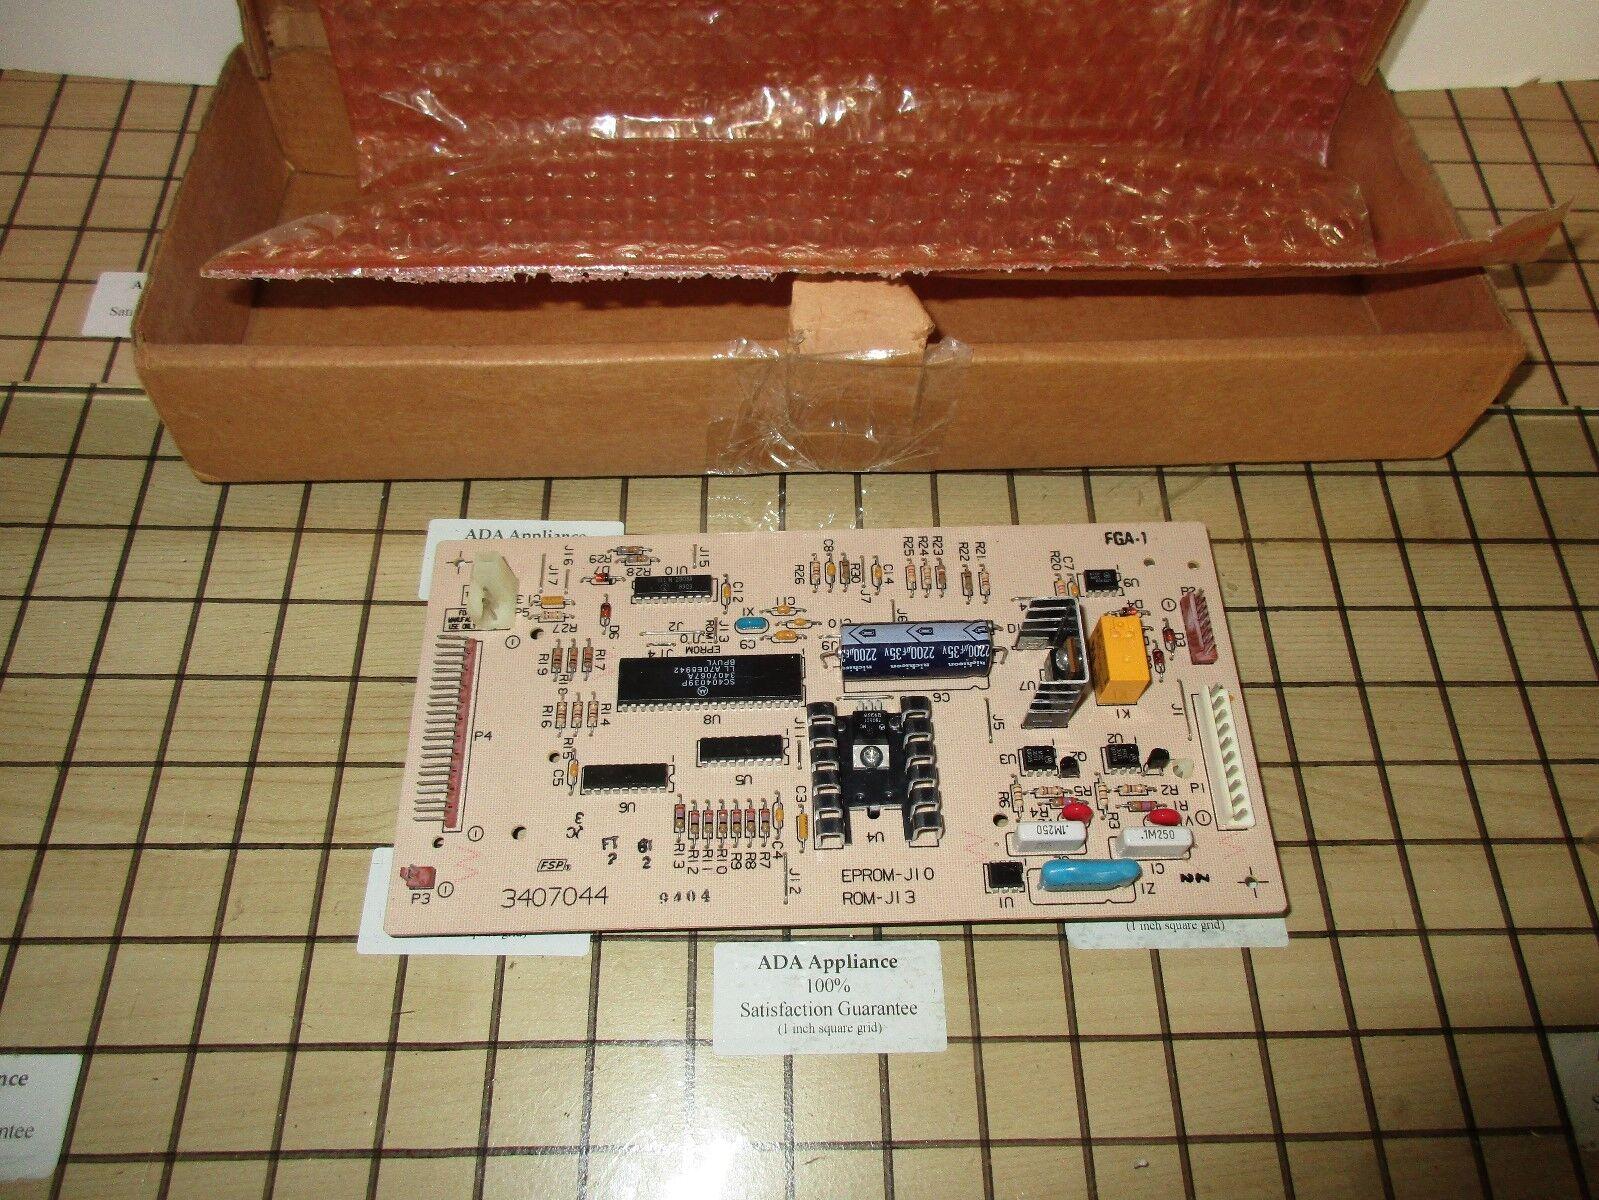 Whirlpool Washer Control Board 3407044,  73407044 SATISFACTION GUARANTEE